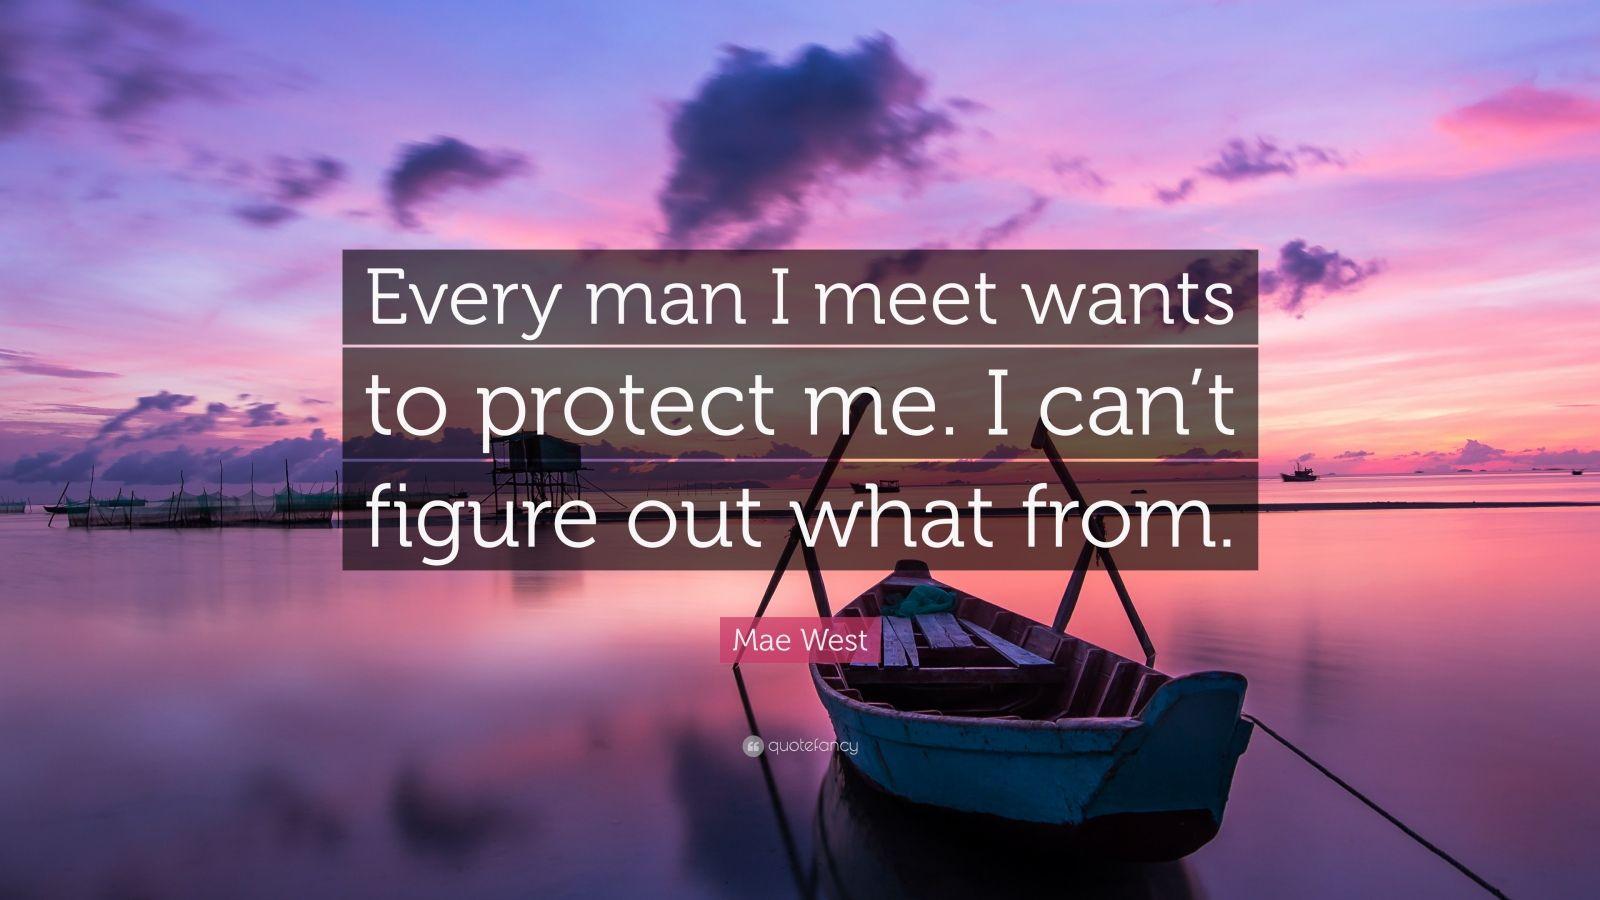 Mann will kein treffen